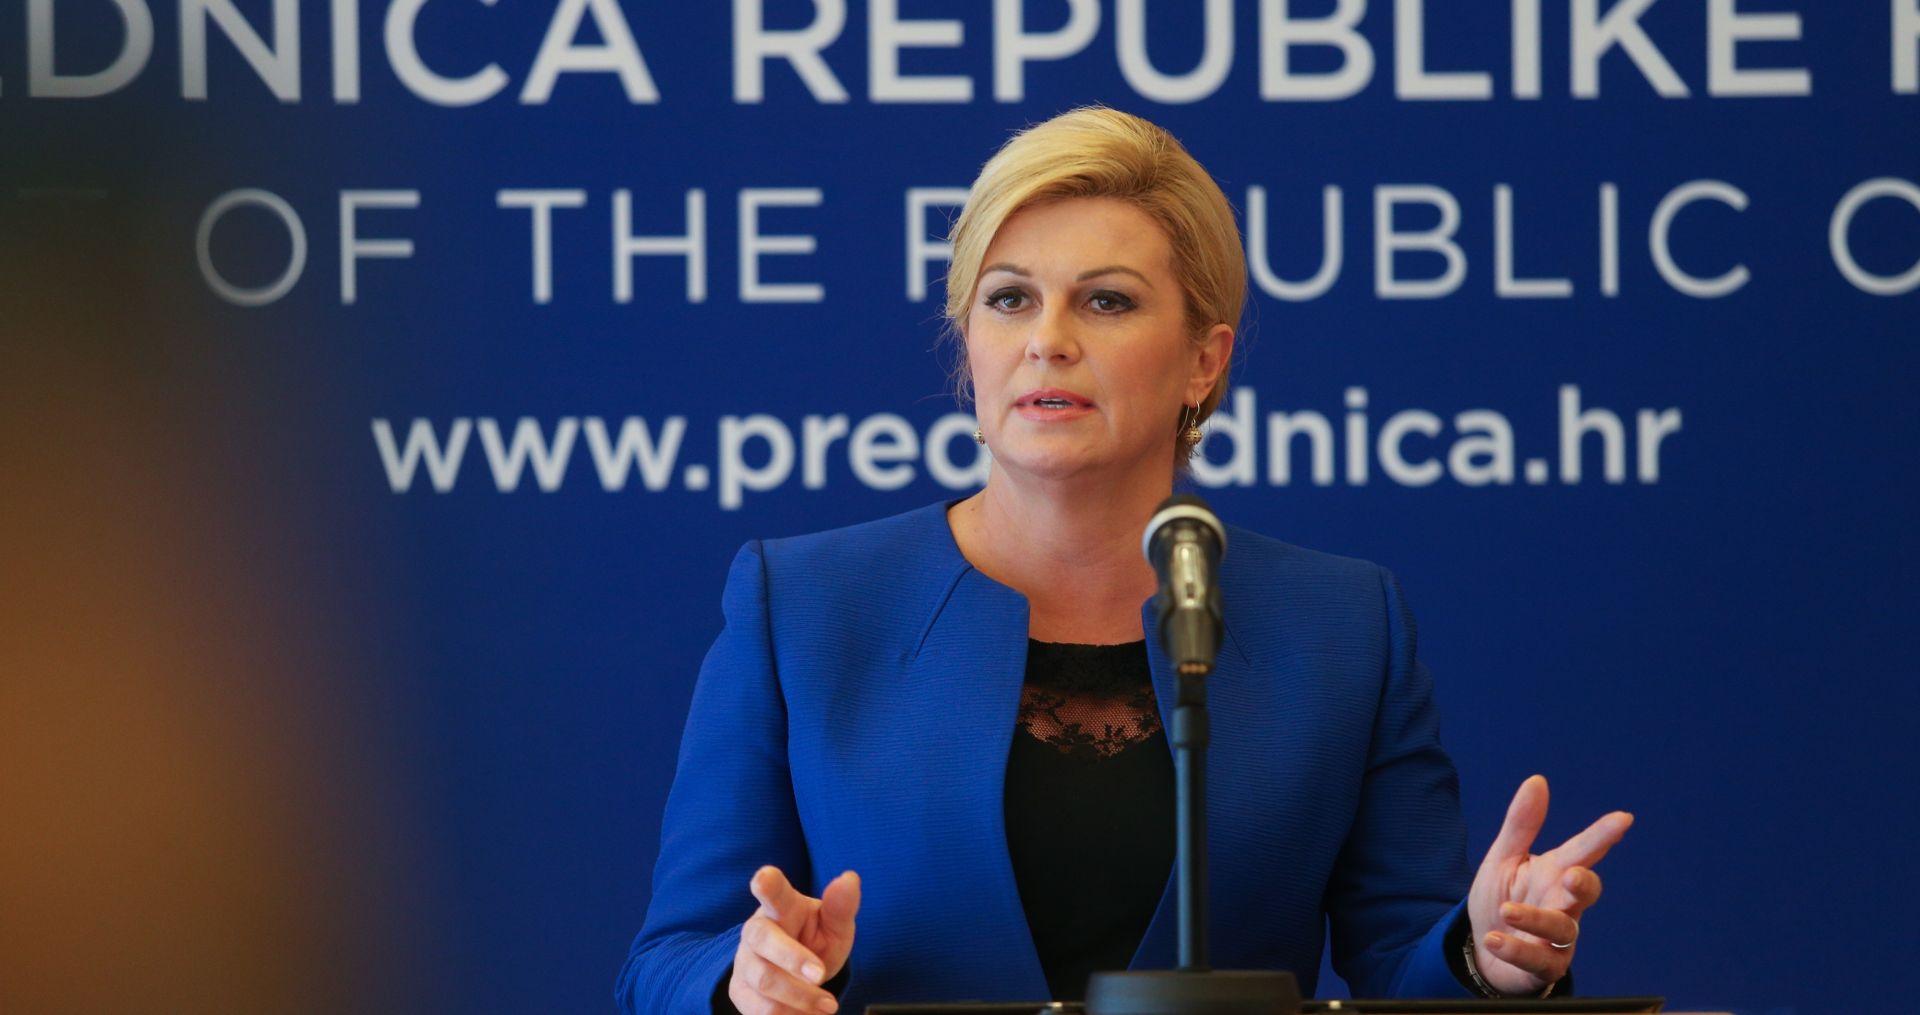 PREDSJEDNICA UBRZAVA Neće biti dodatnih konzultacija na Pantovčaku, Plenković u ponedjeljak mandatar